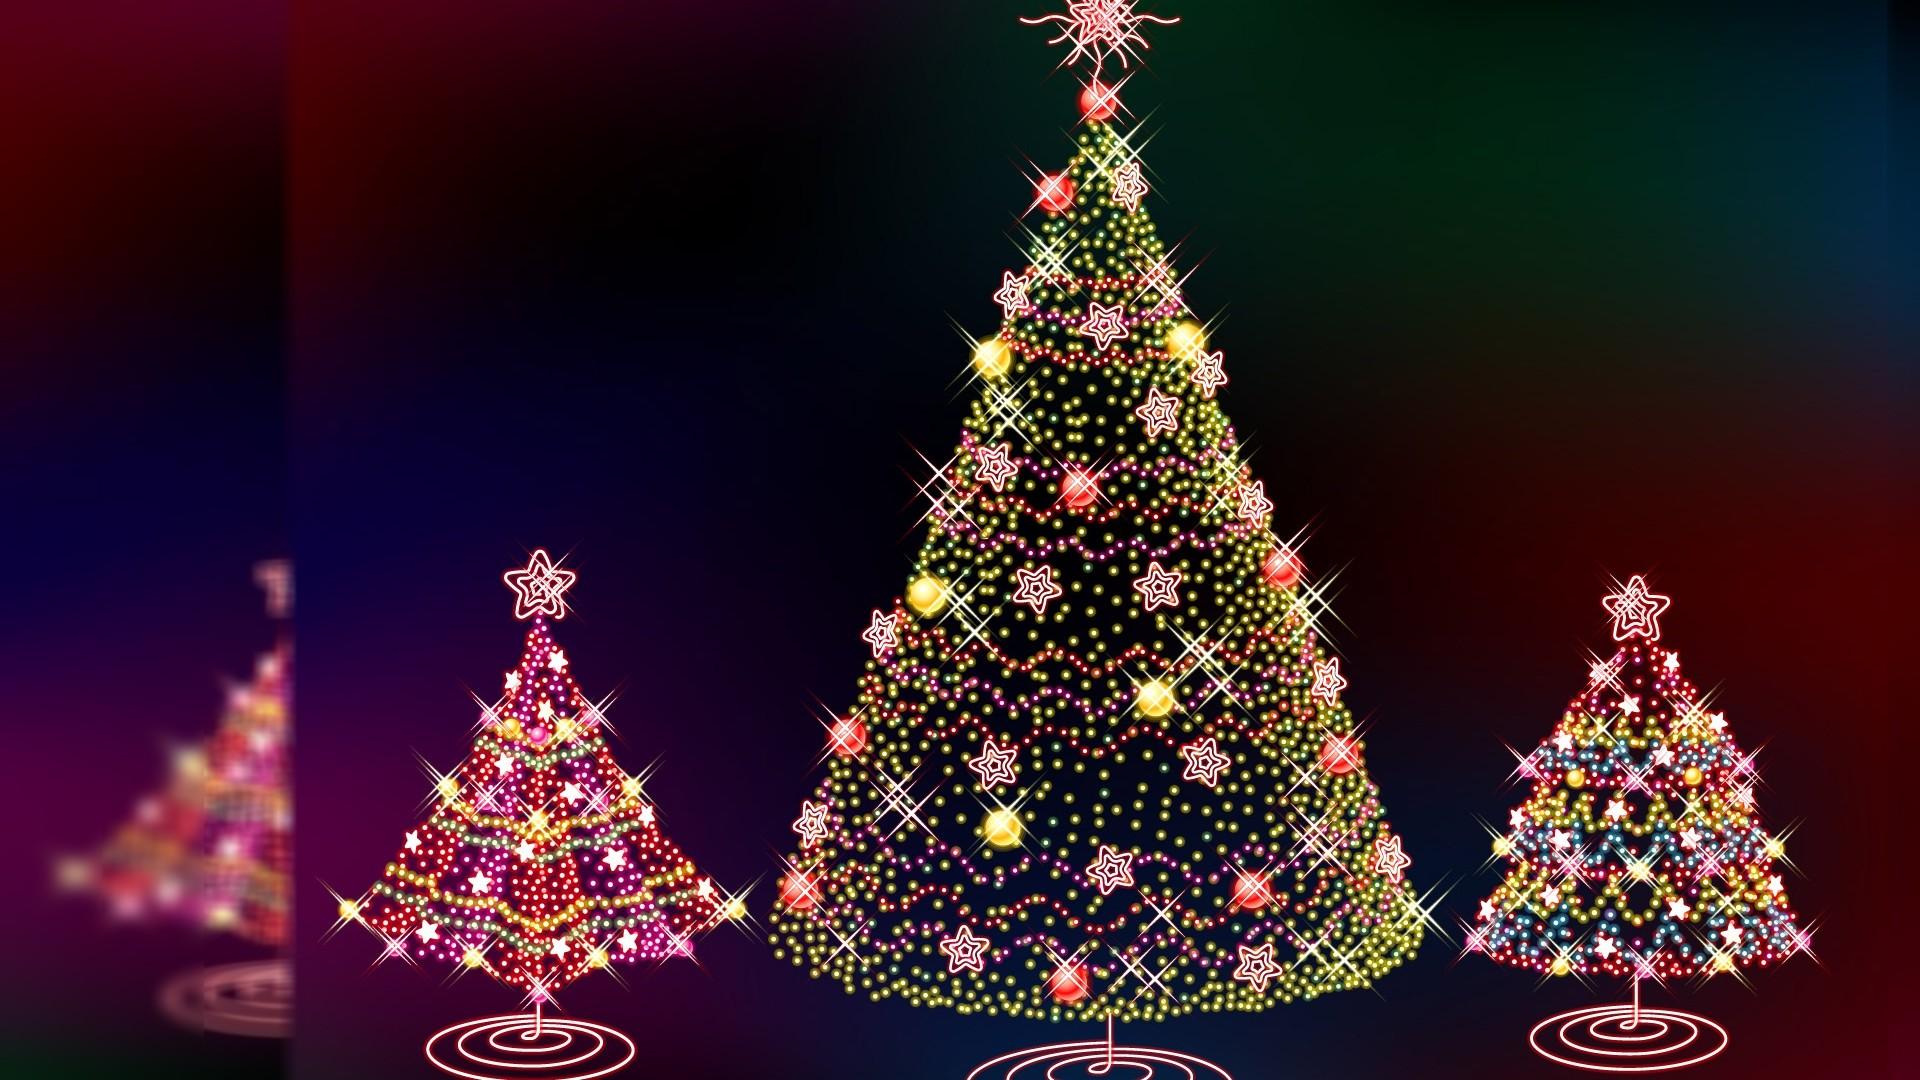 Super HD Christmas Wallpapers Free Christmas Wallpapers For Desktop  Wallpapers)